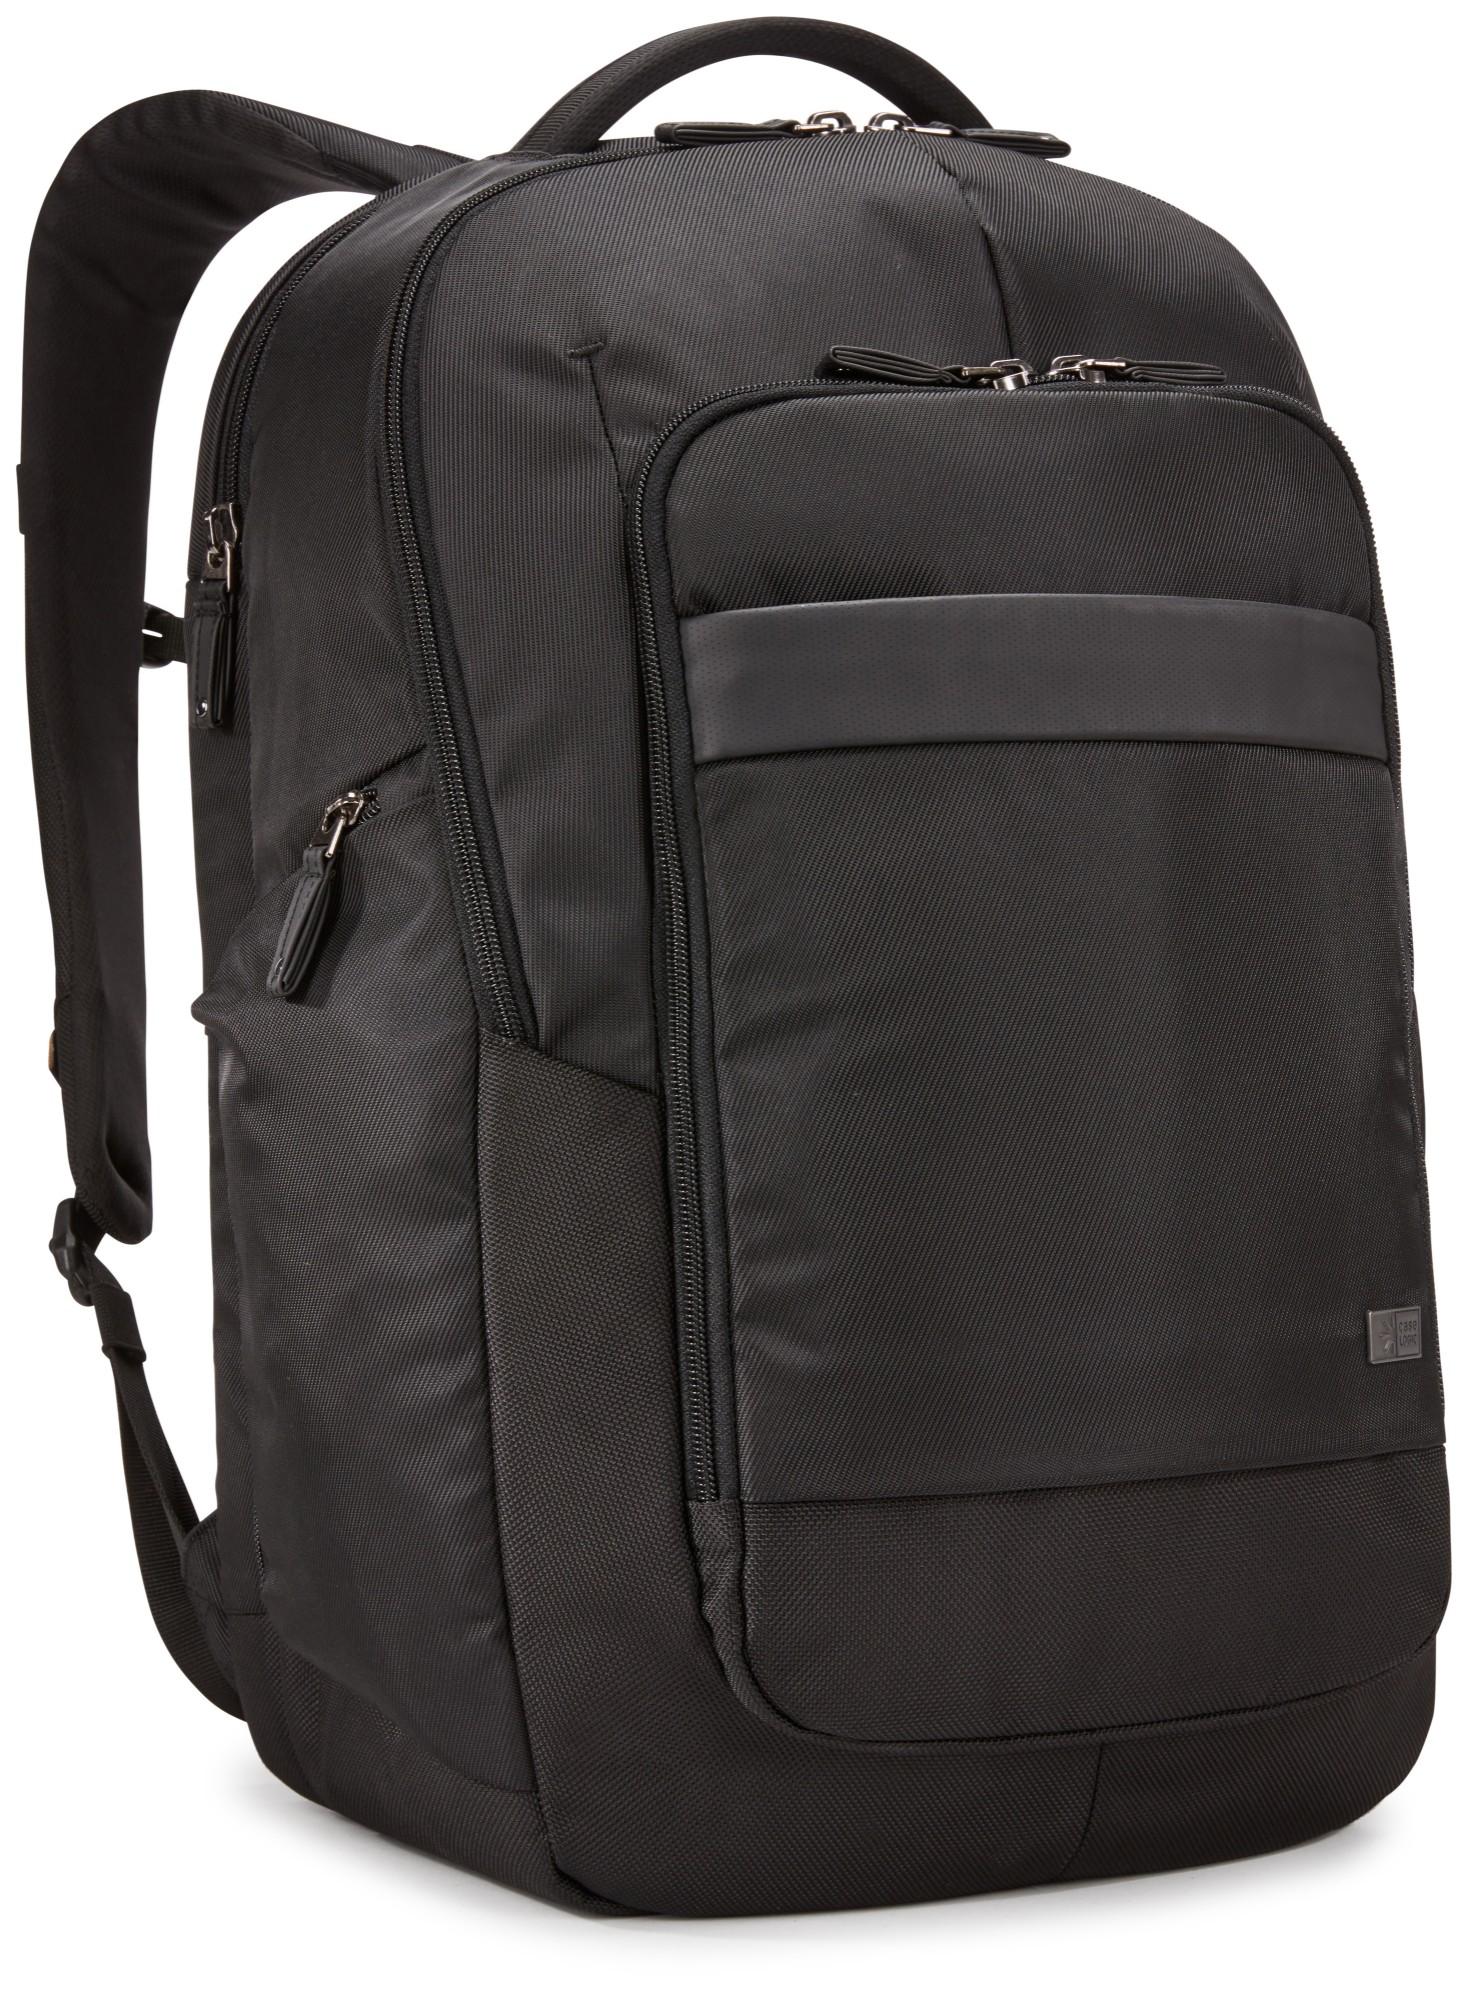 Case Logic Notion NOTIBP-117 Black rugzak Nylon Zwart